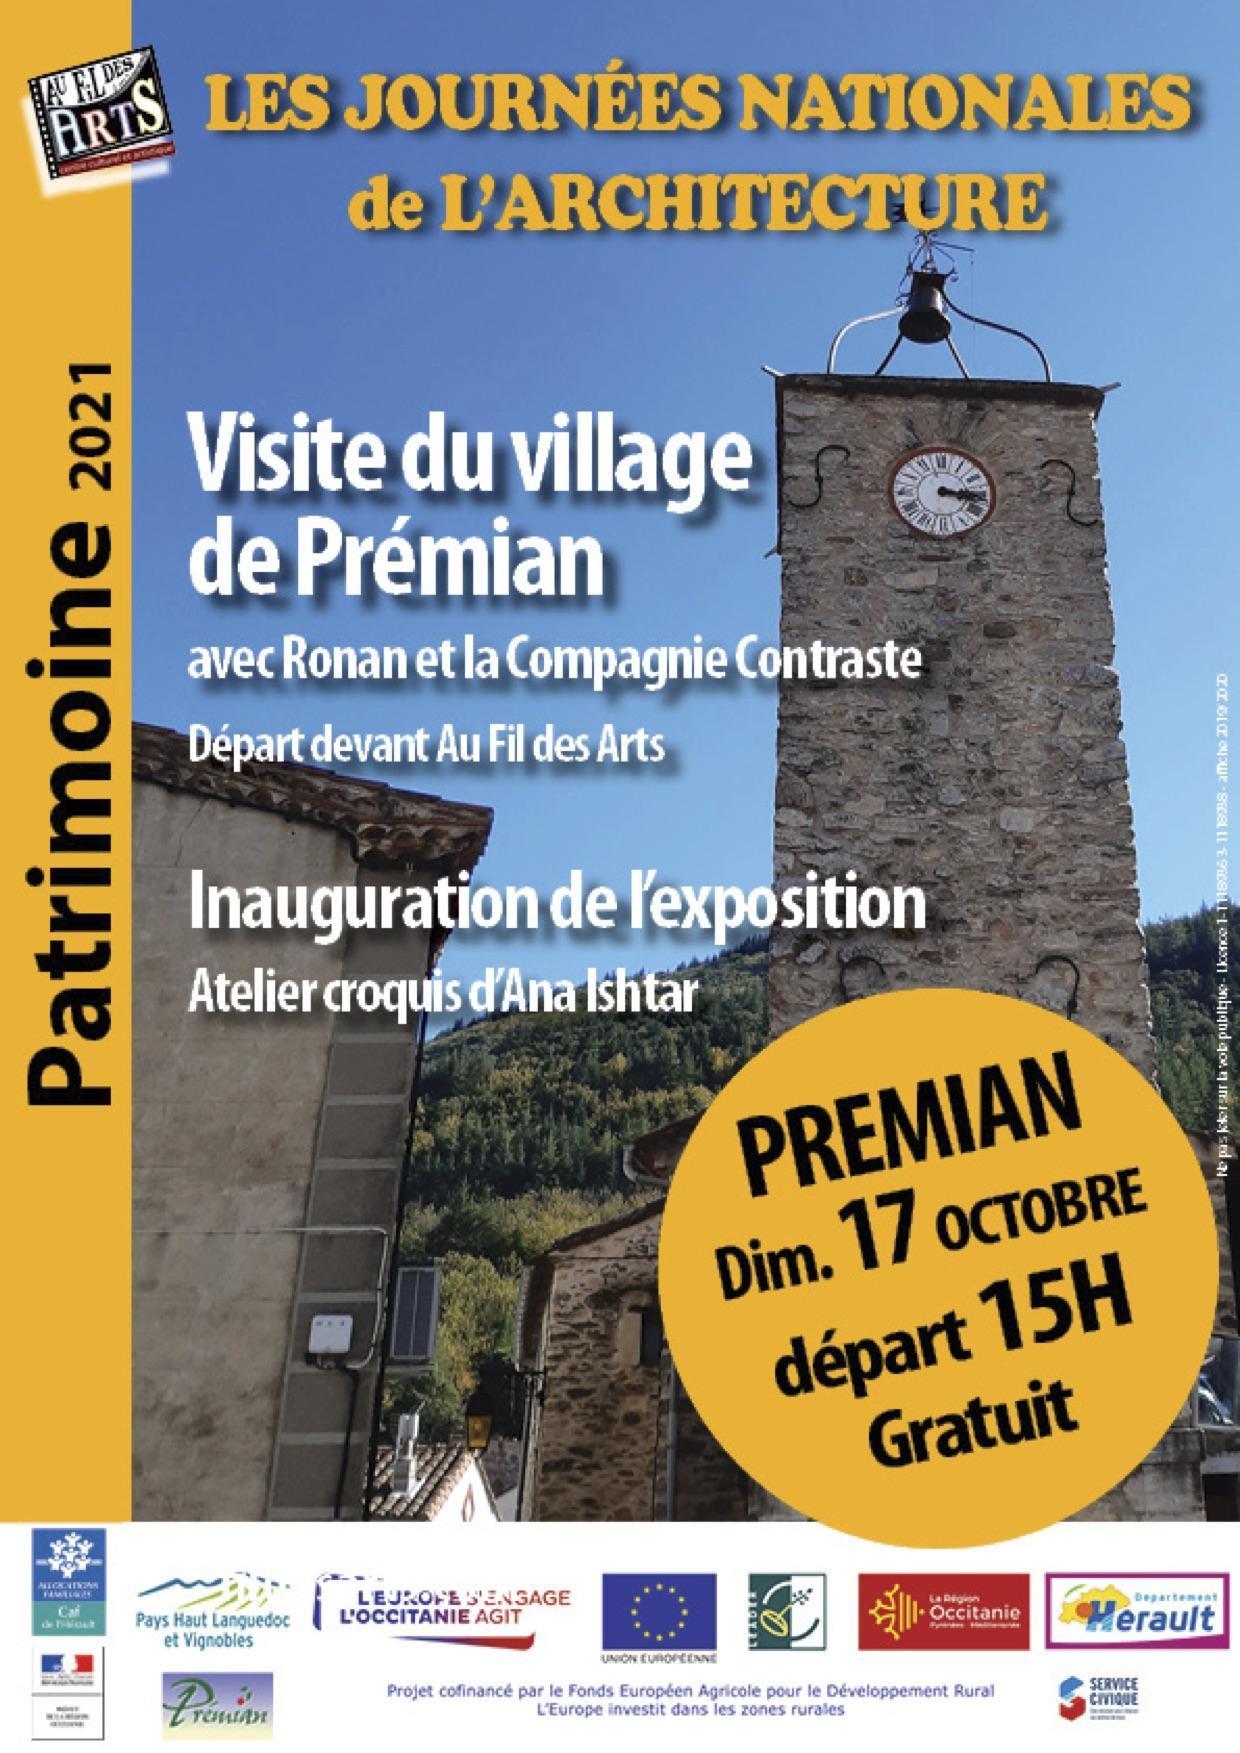 Balade à Prémian, dimanche 17 octobre